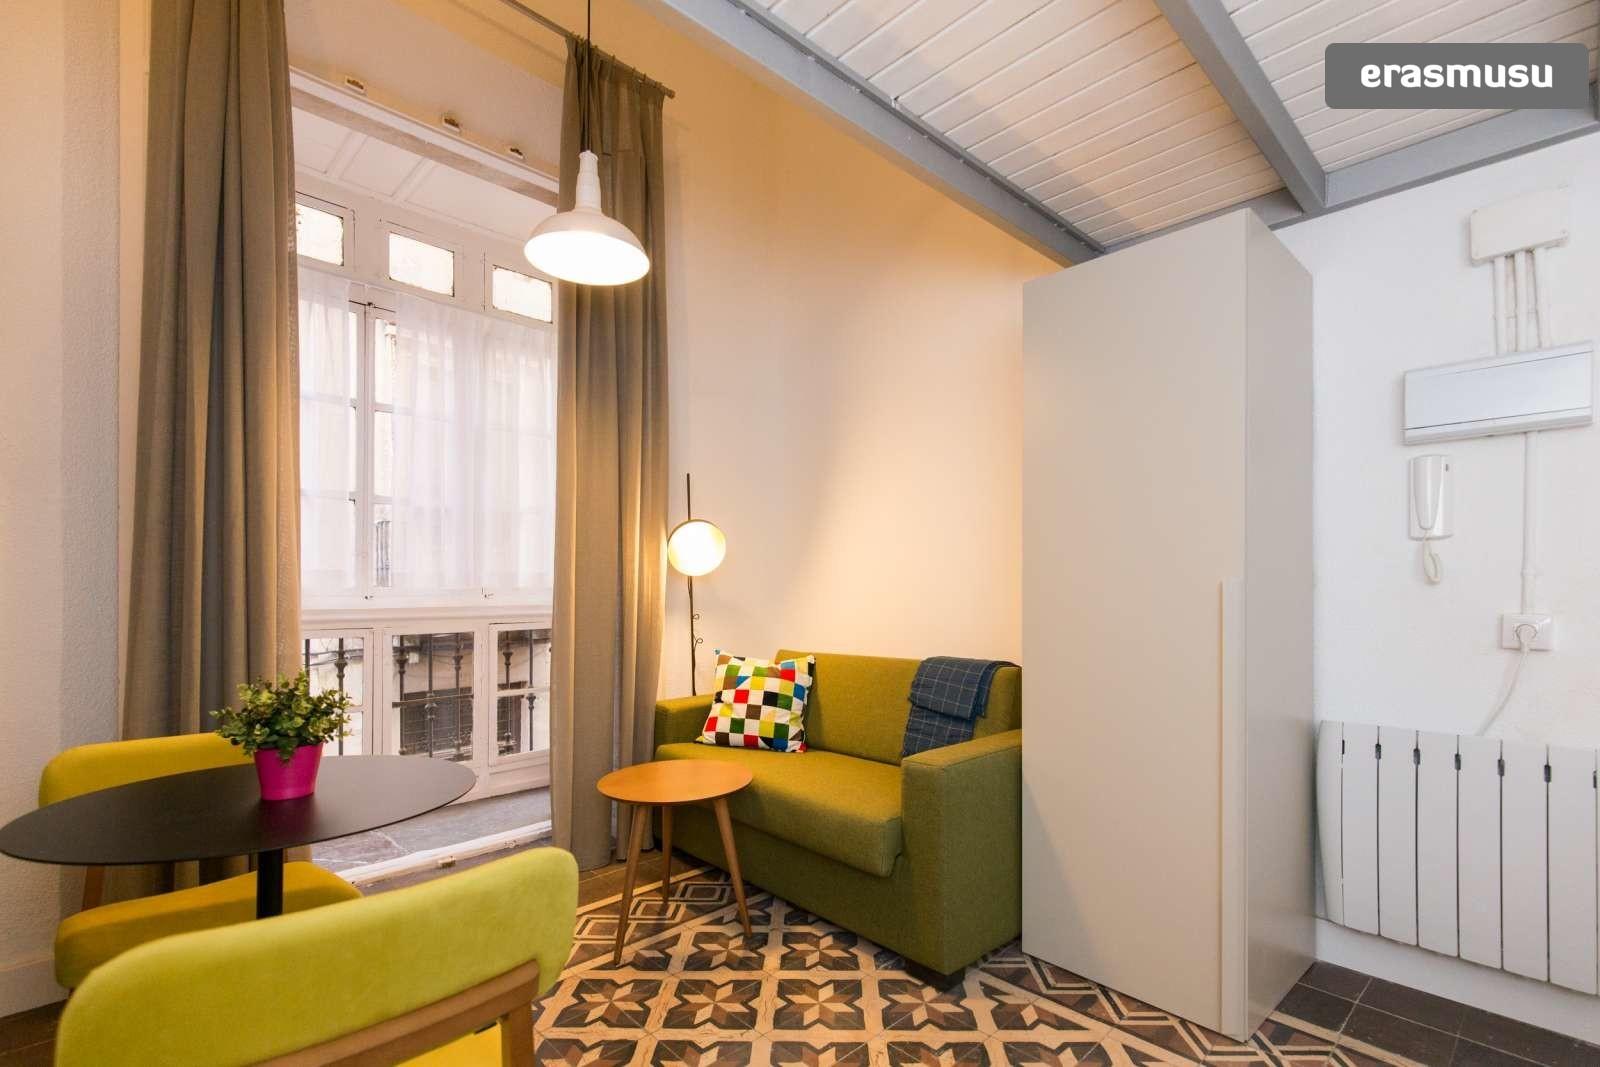 colourful-studio-apartment-rent-city-centre-c93a46f68f0377c2c3c4